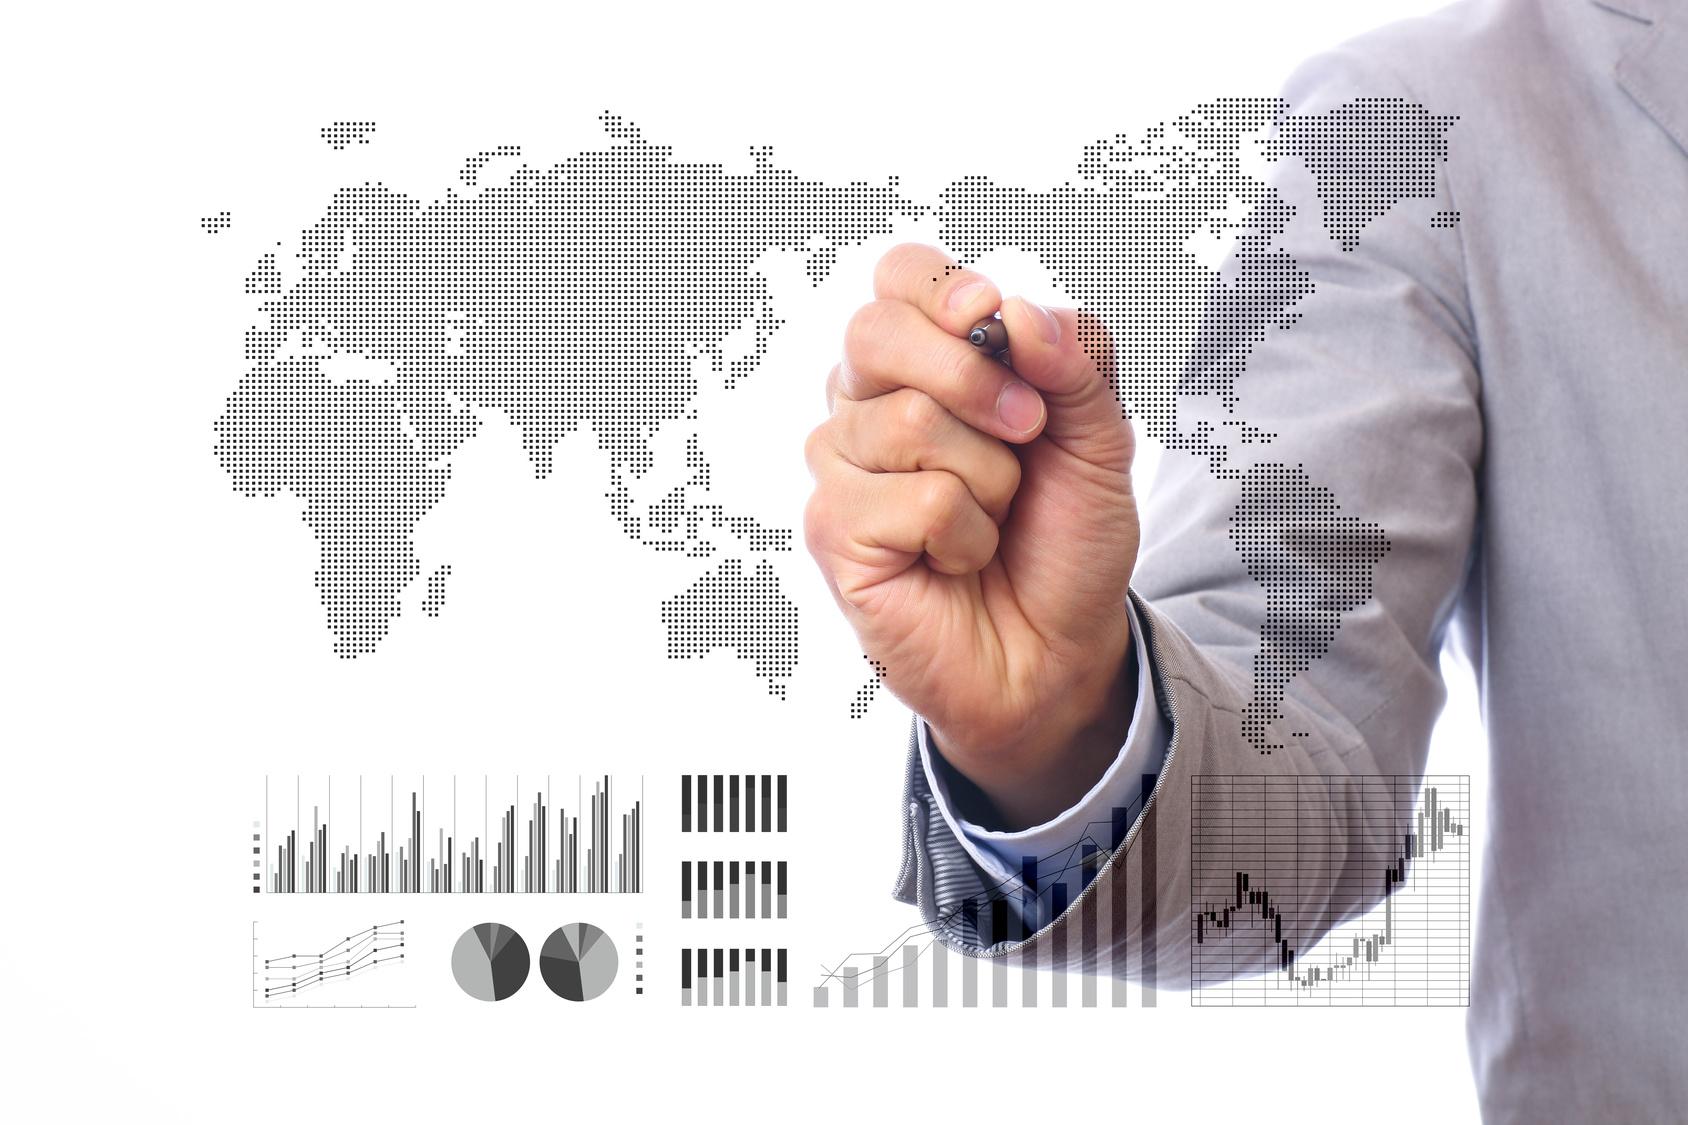 基本的な株のトレード方法とは?自分に合った投資スタイル・手法を見つけよう